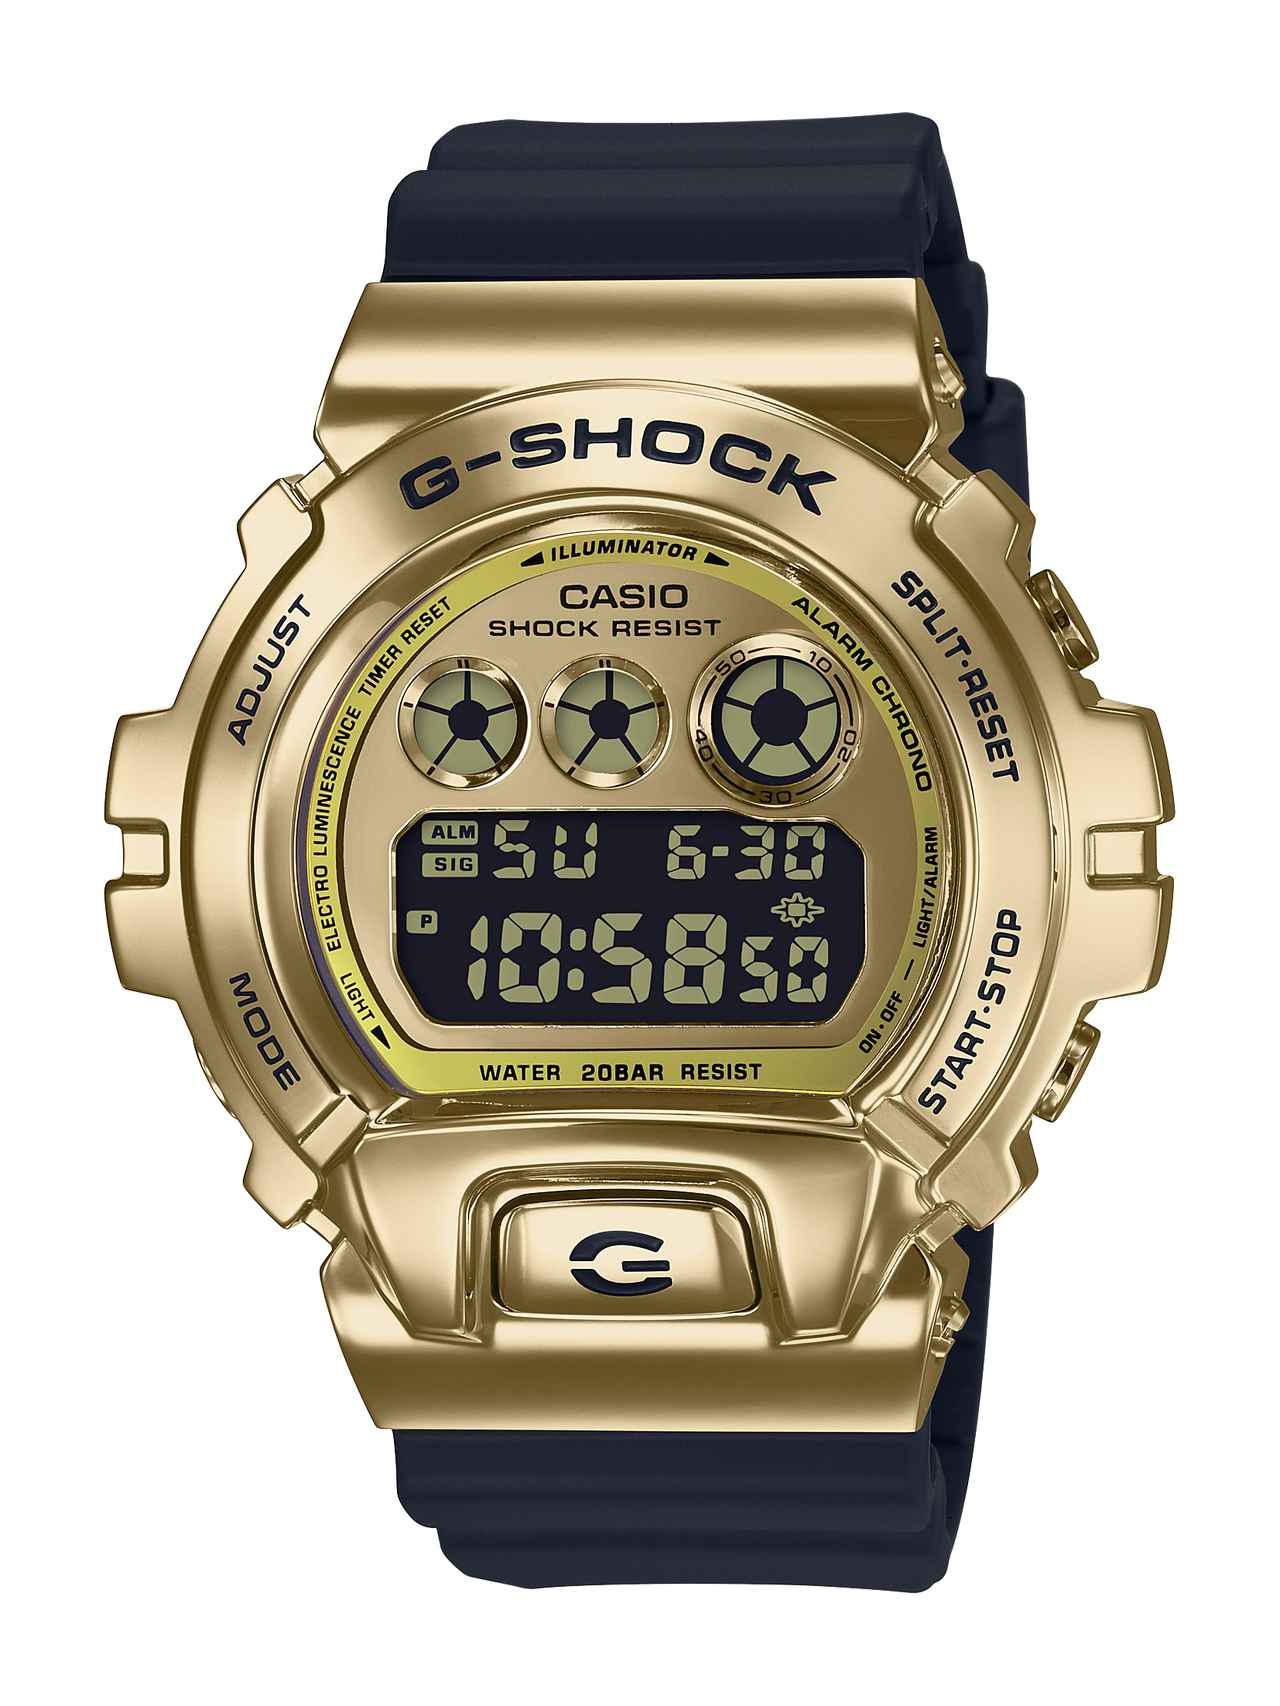 画像3: G-SHOCKの定番「三つ目」の6900シリーズに初のメタルベゼル採用モデルが登場!